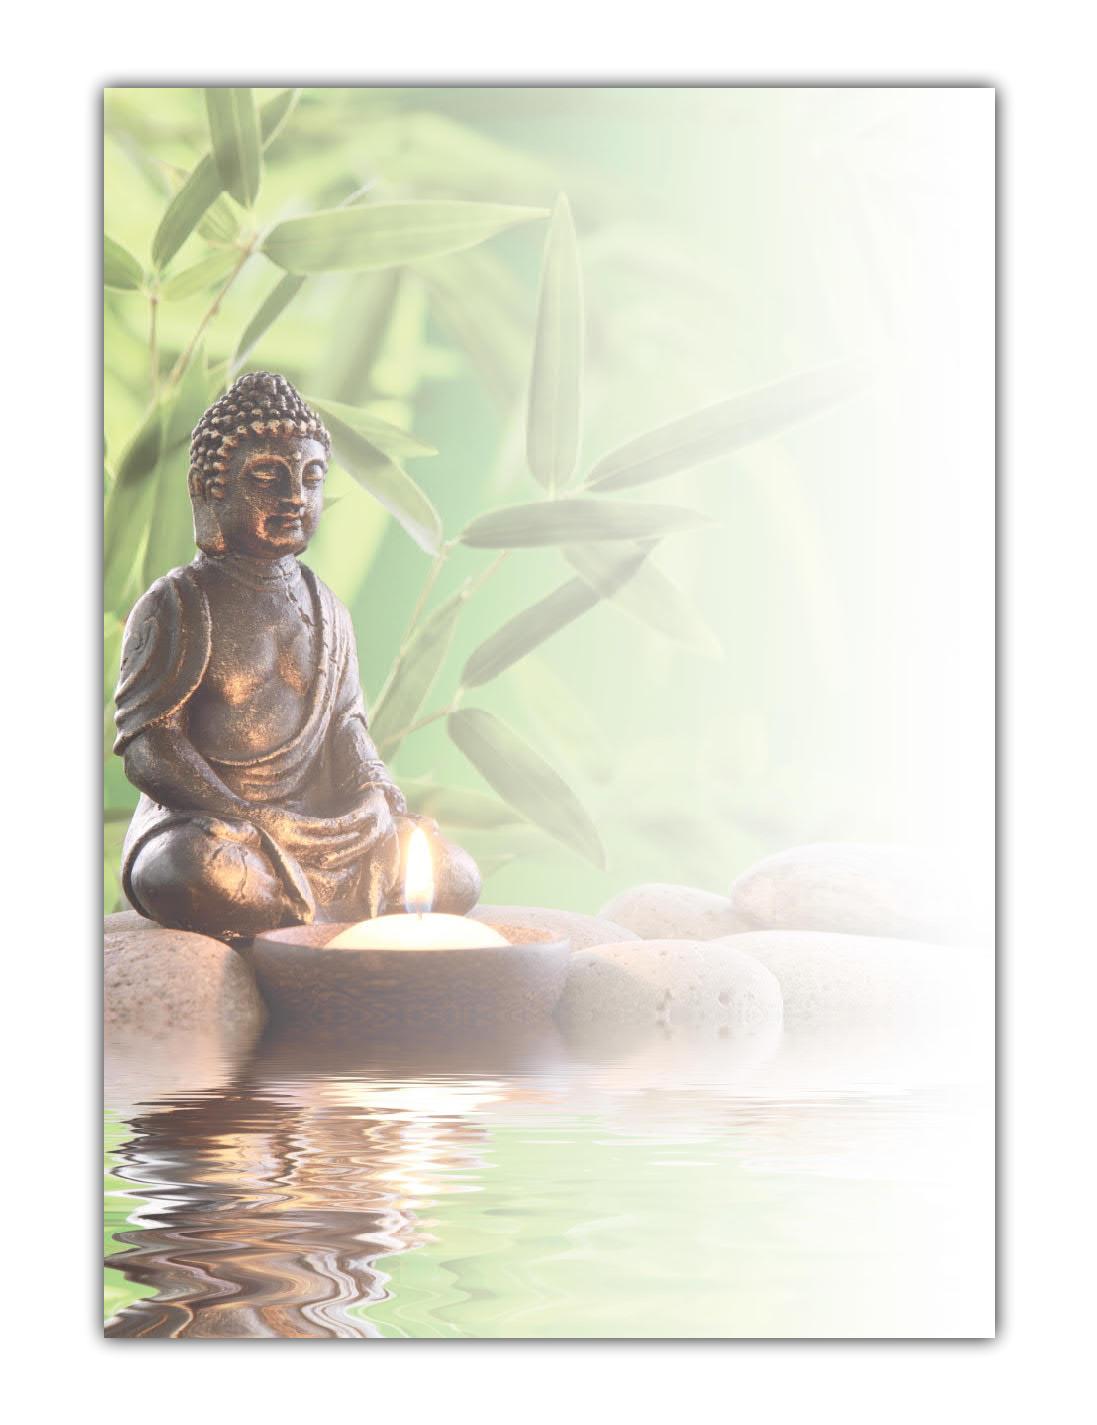 Wellness Motiv Briefpapier (MPA-5218, DIN A4, 100 Blatt) Motivpapier Feng Shui Buddha mit Bambus, Steinen und brennender Kerze am Wasser